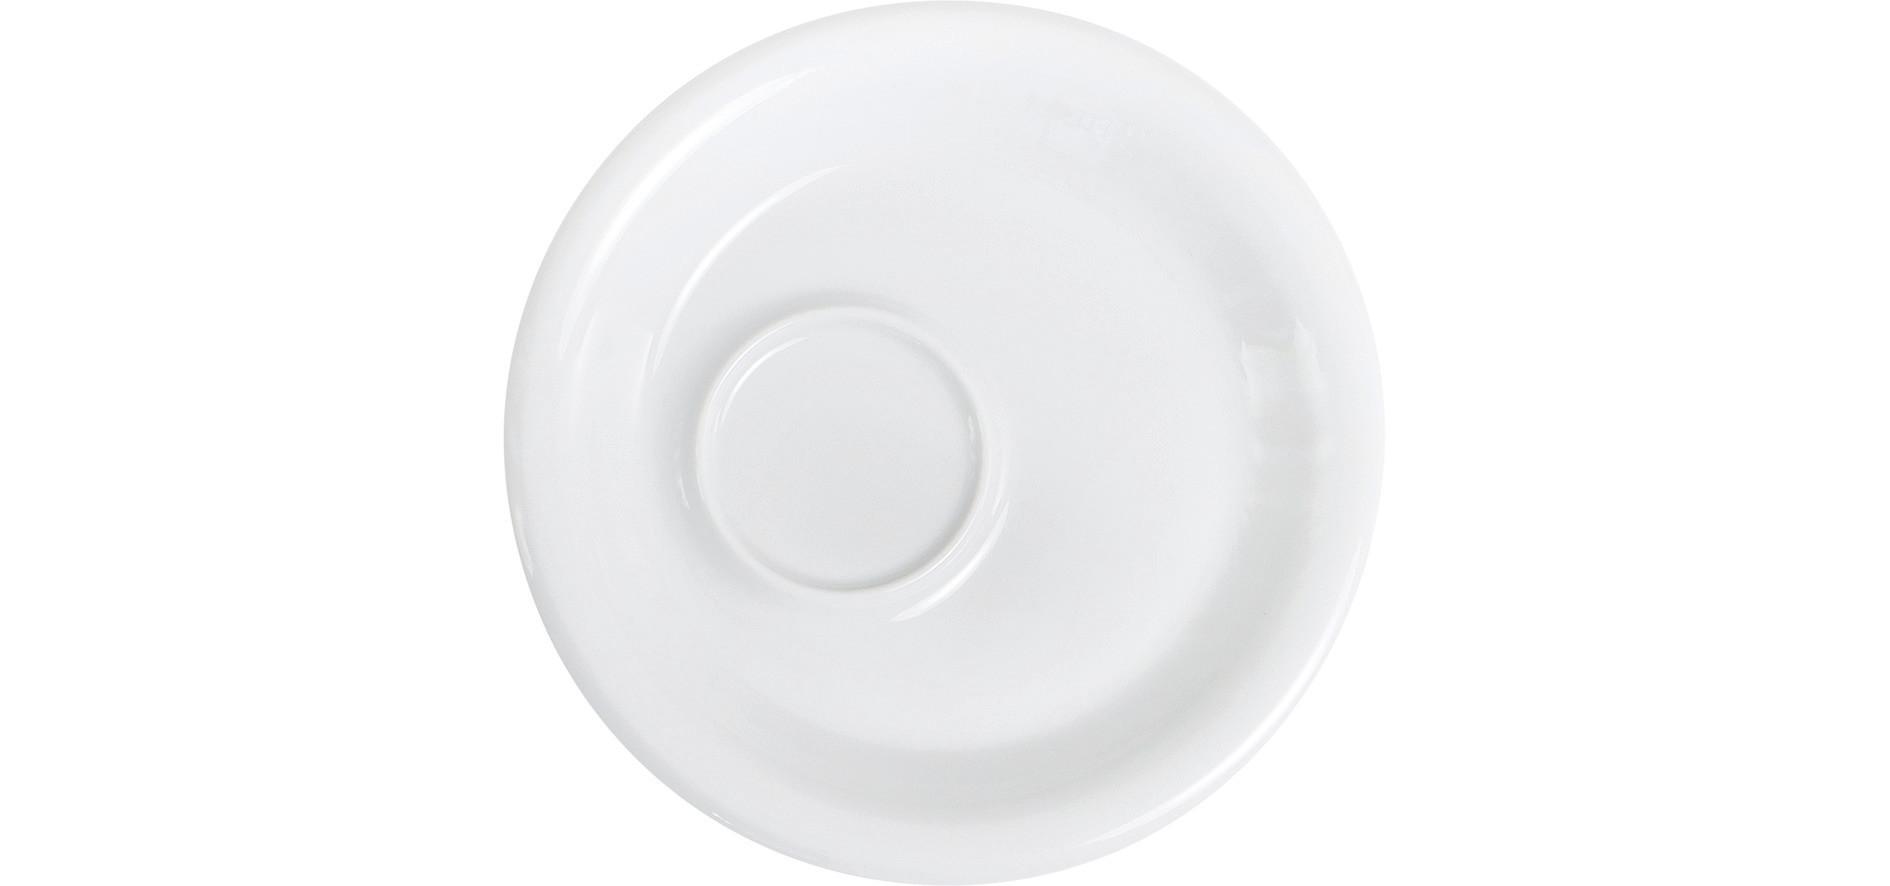 Café Sommelier 2.0, Kombi-Untertasse ø 160 mm weiß